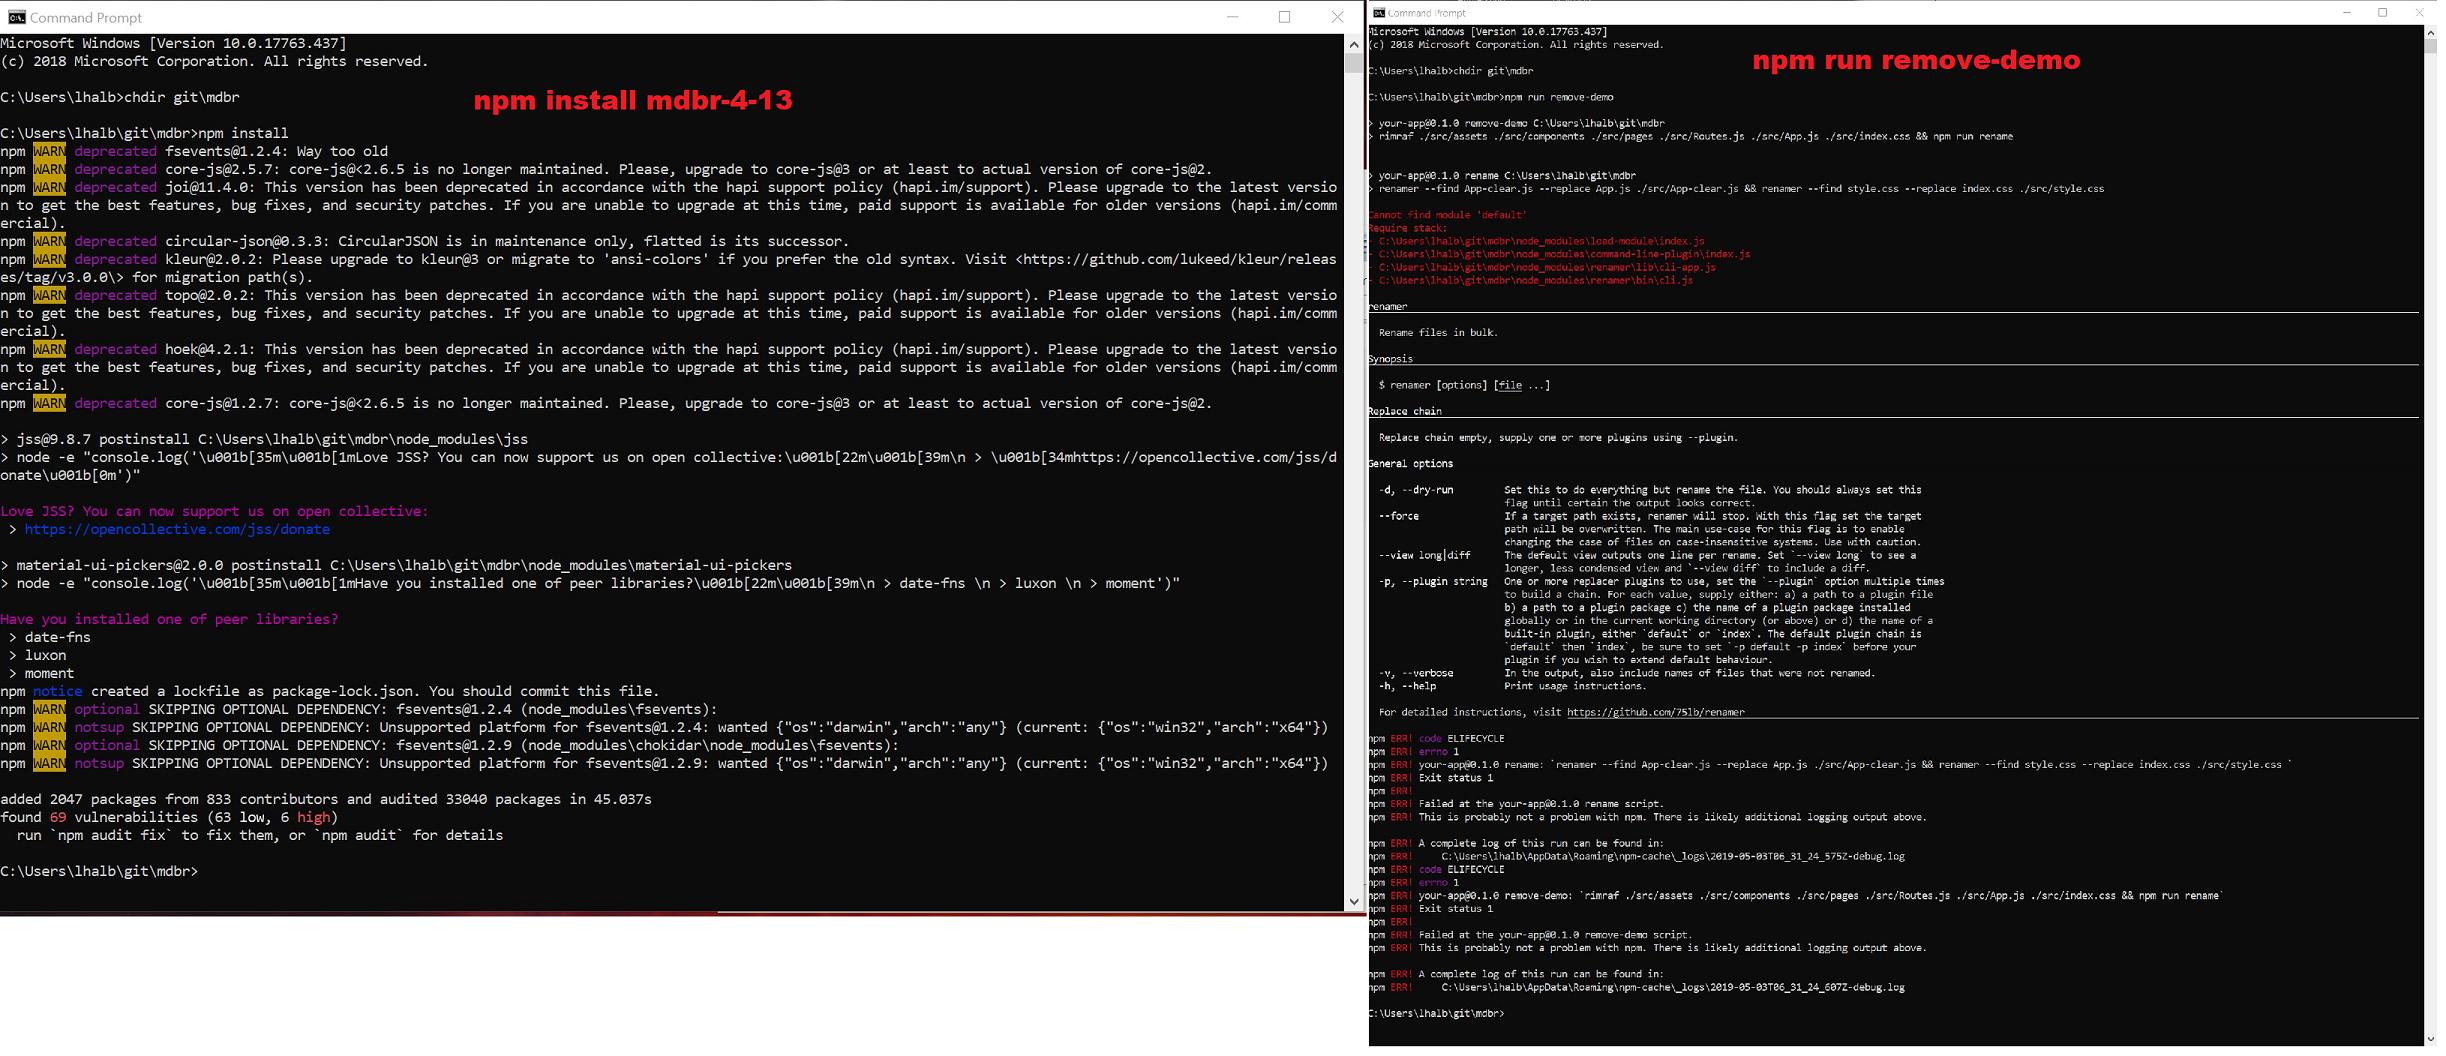 Left: install; right: remove-demo